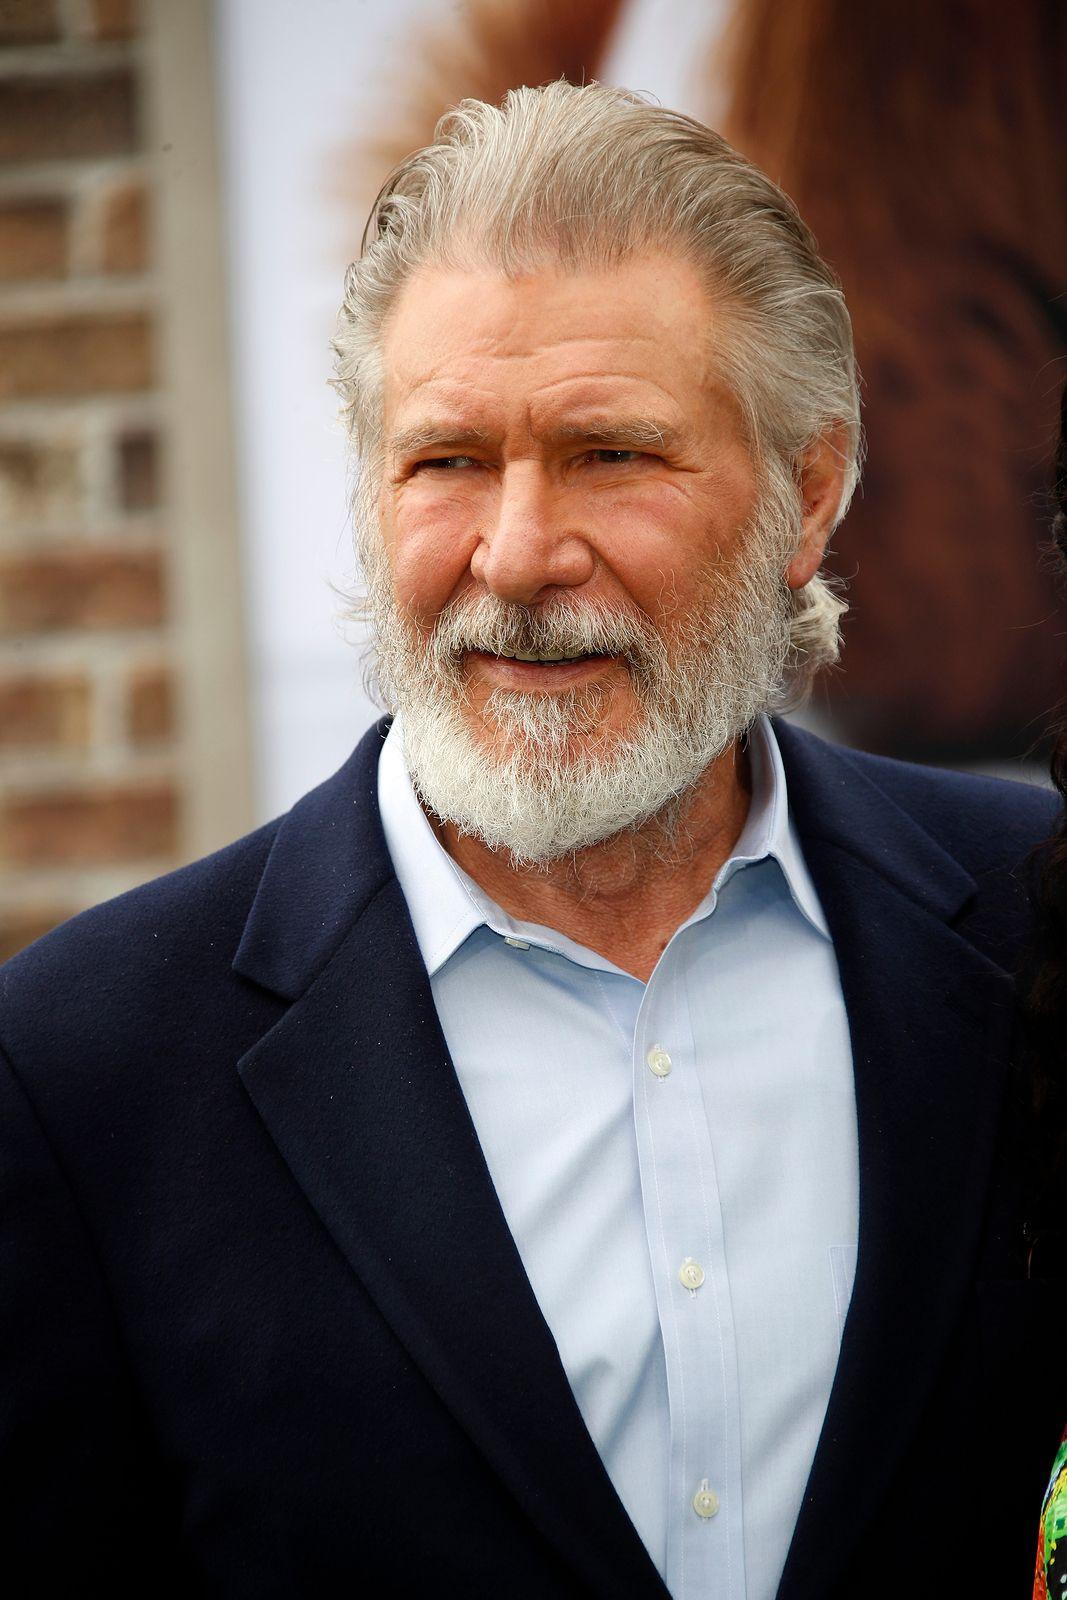 Harrison Ford cumple 77 años y sigue queriendo interpretar a Indiana Jones